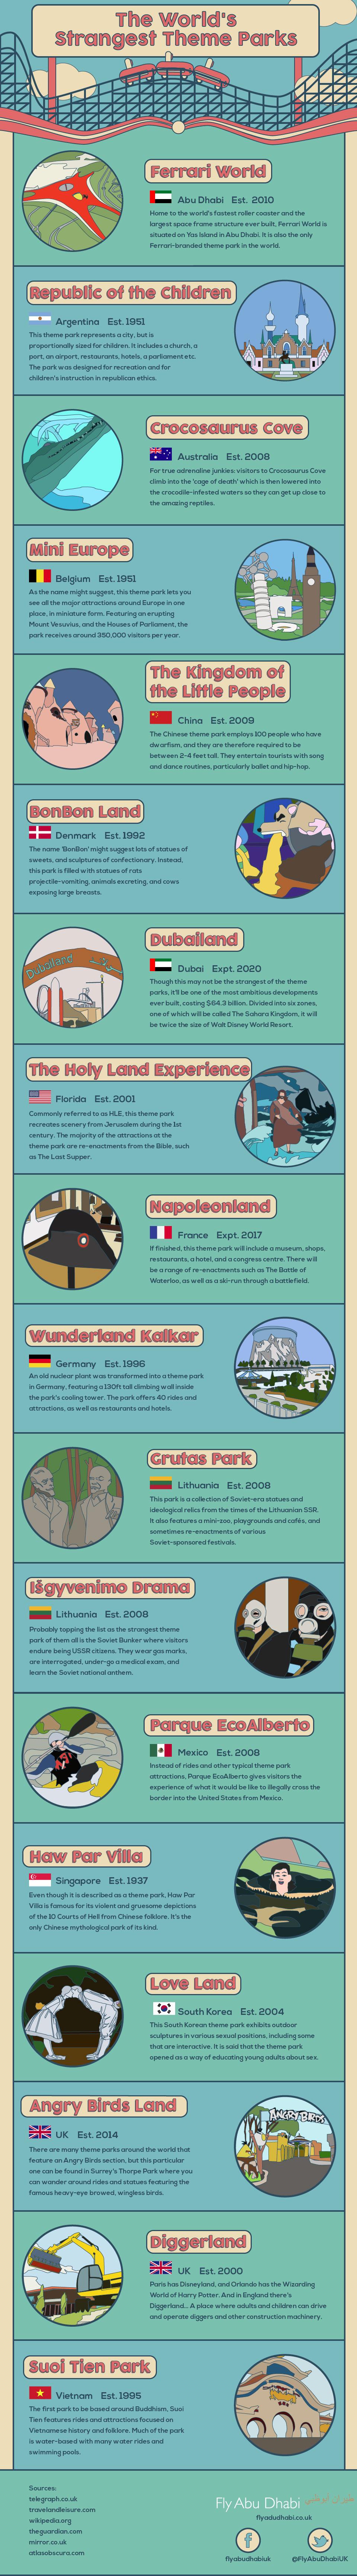 Los Parques Temáticos más extraños del Mundo #infografia #infographic #tourism